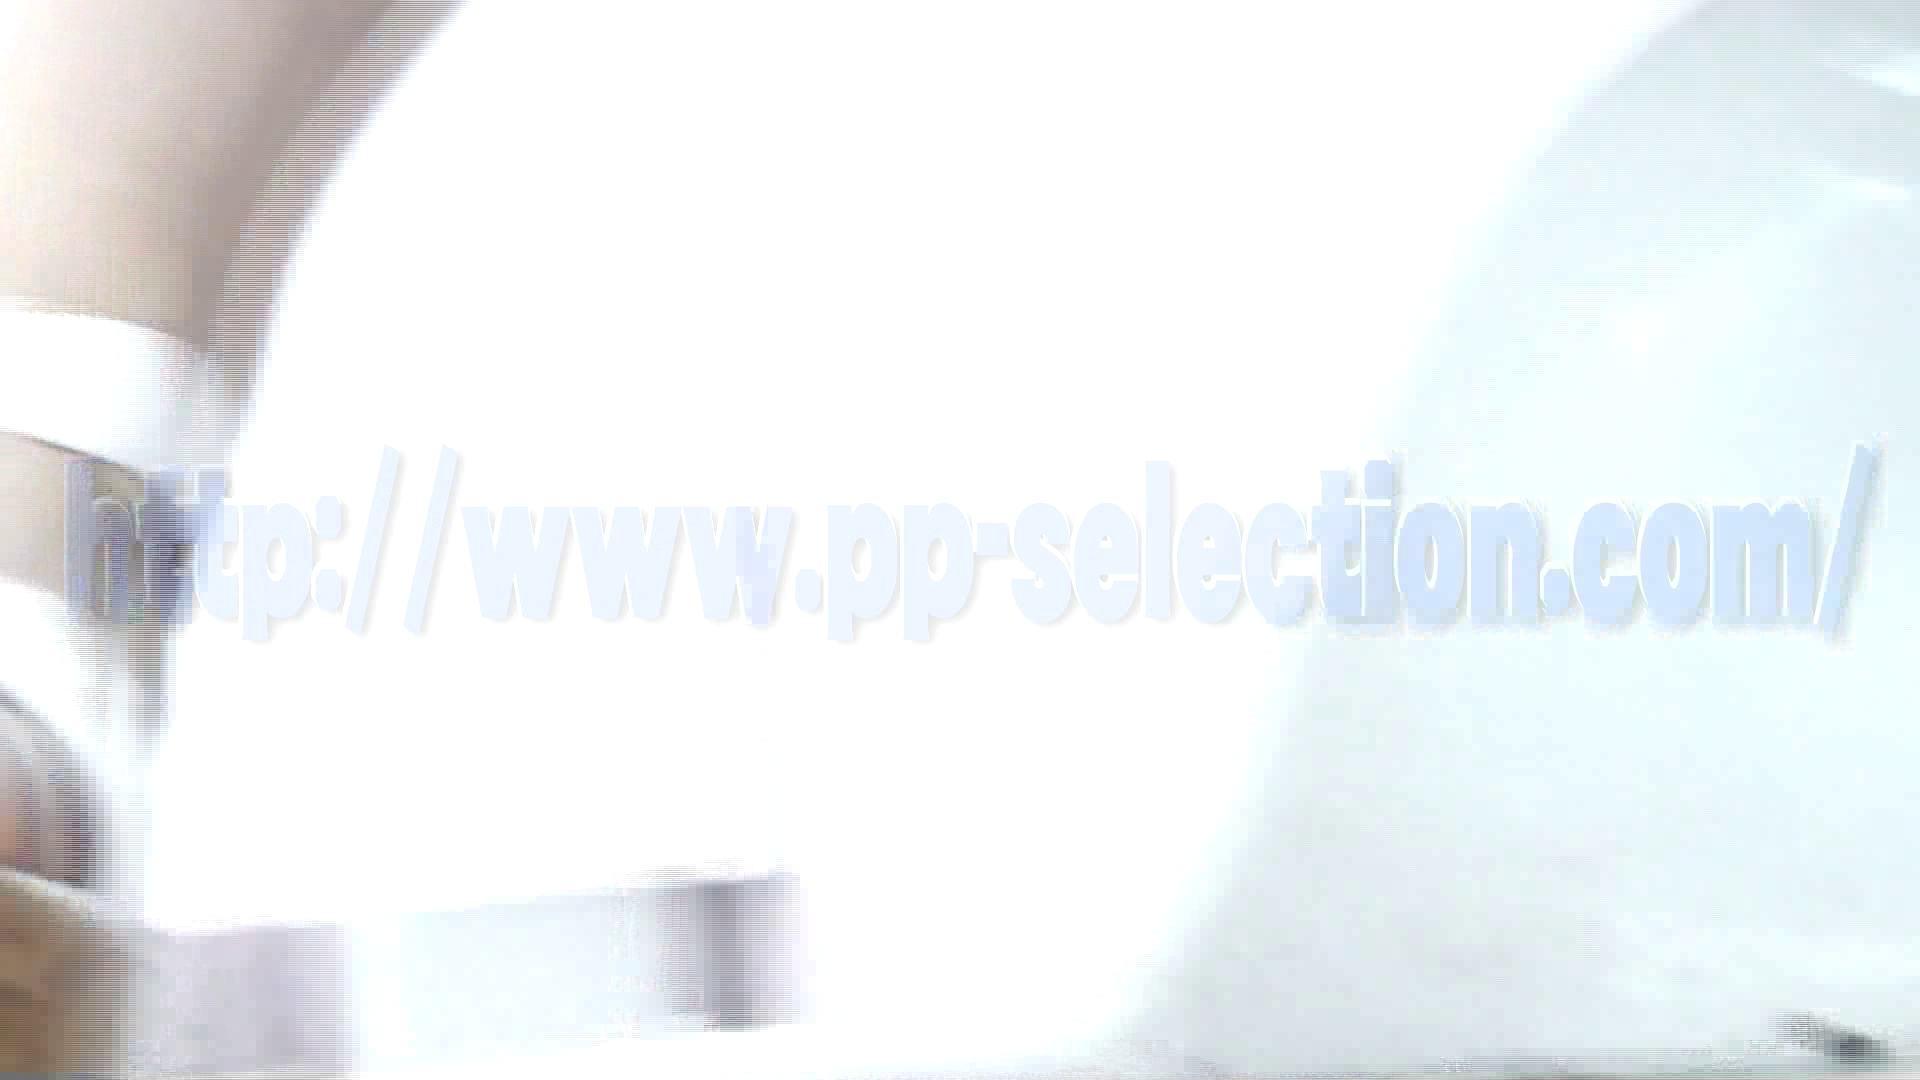 美しい日本の未来 本格編 高画質 エロ無料画像 112枚 7